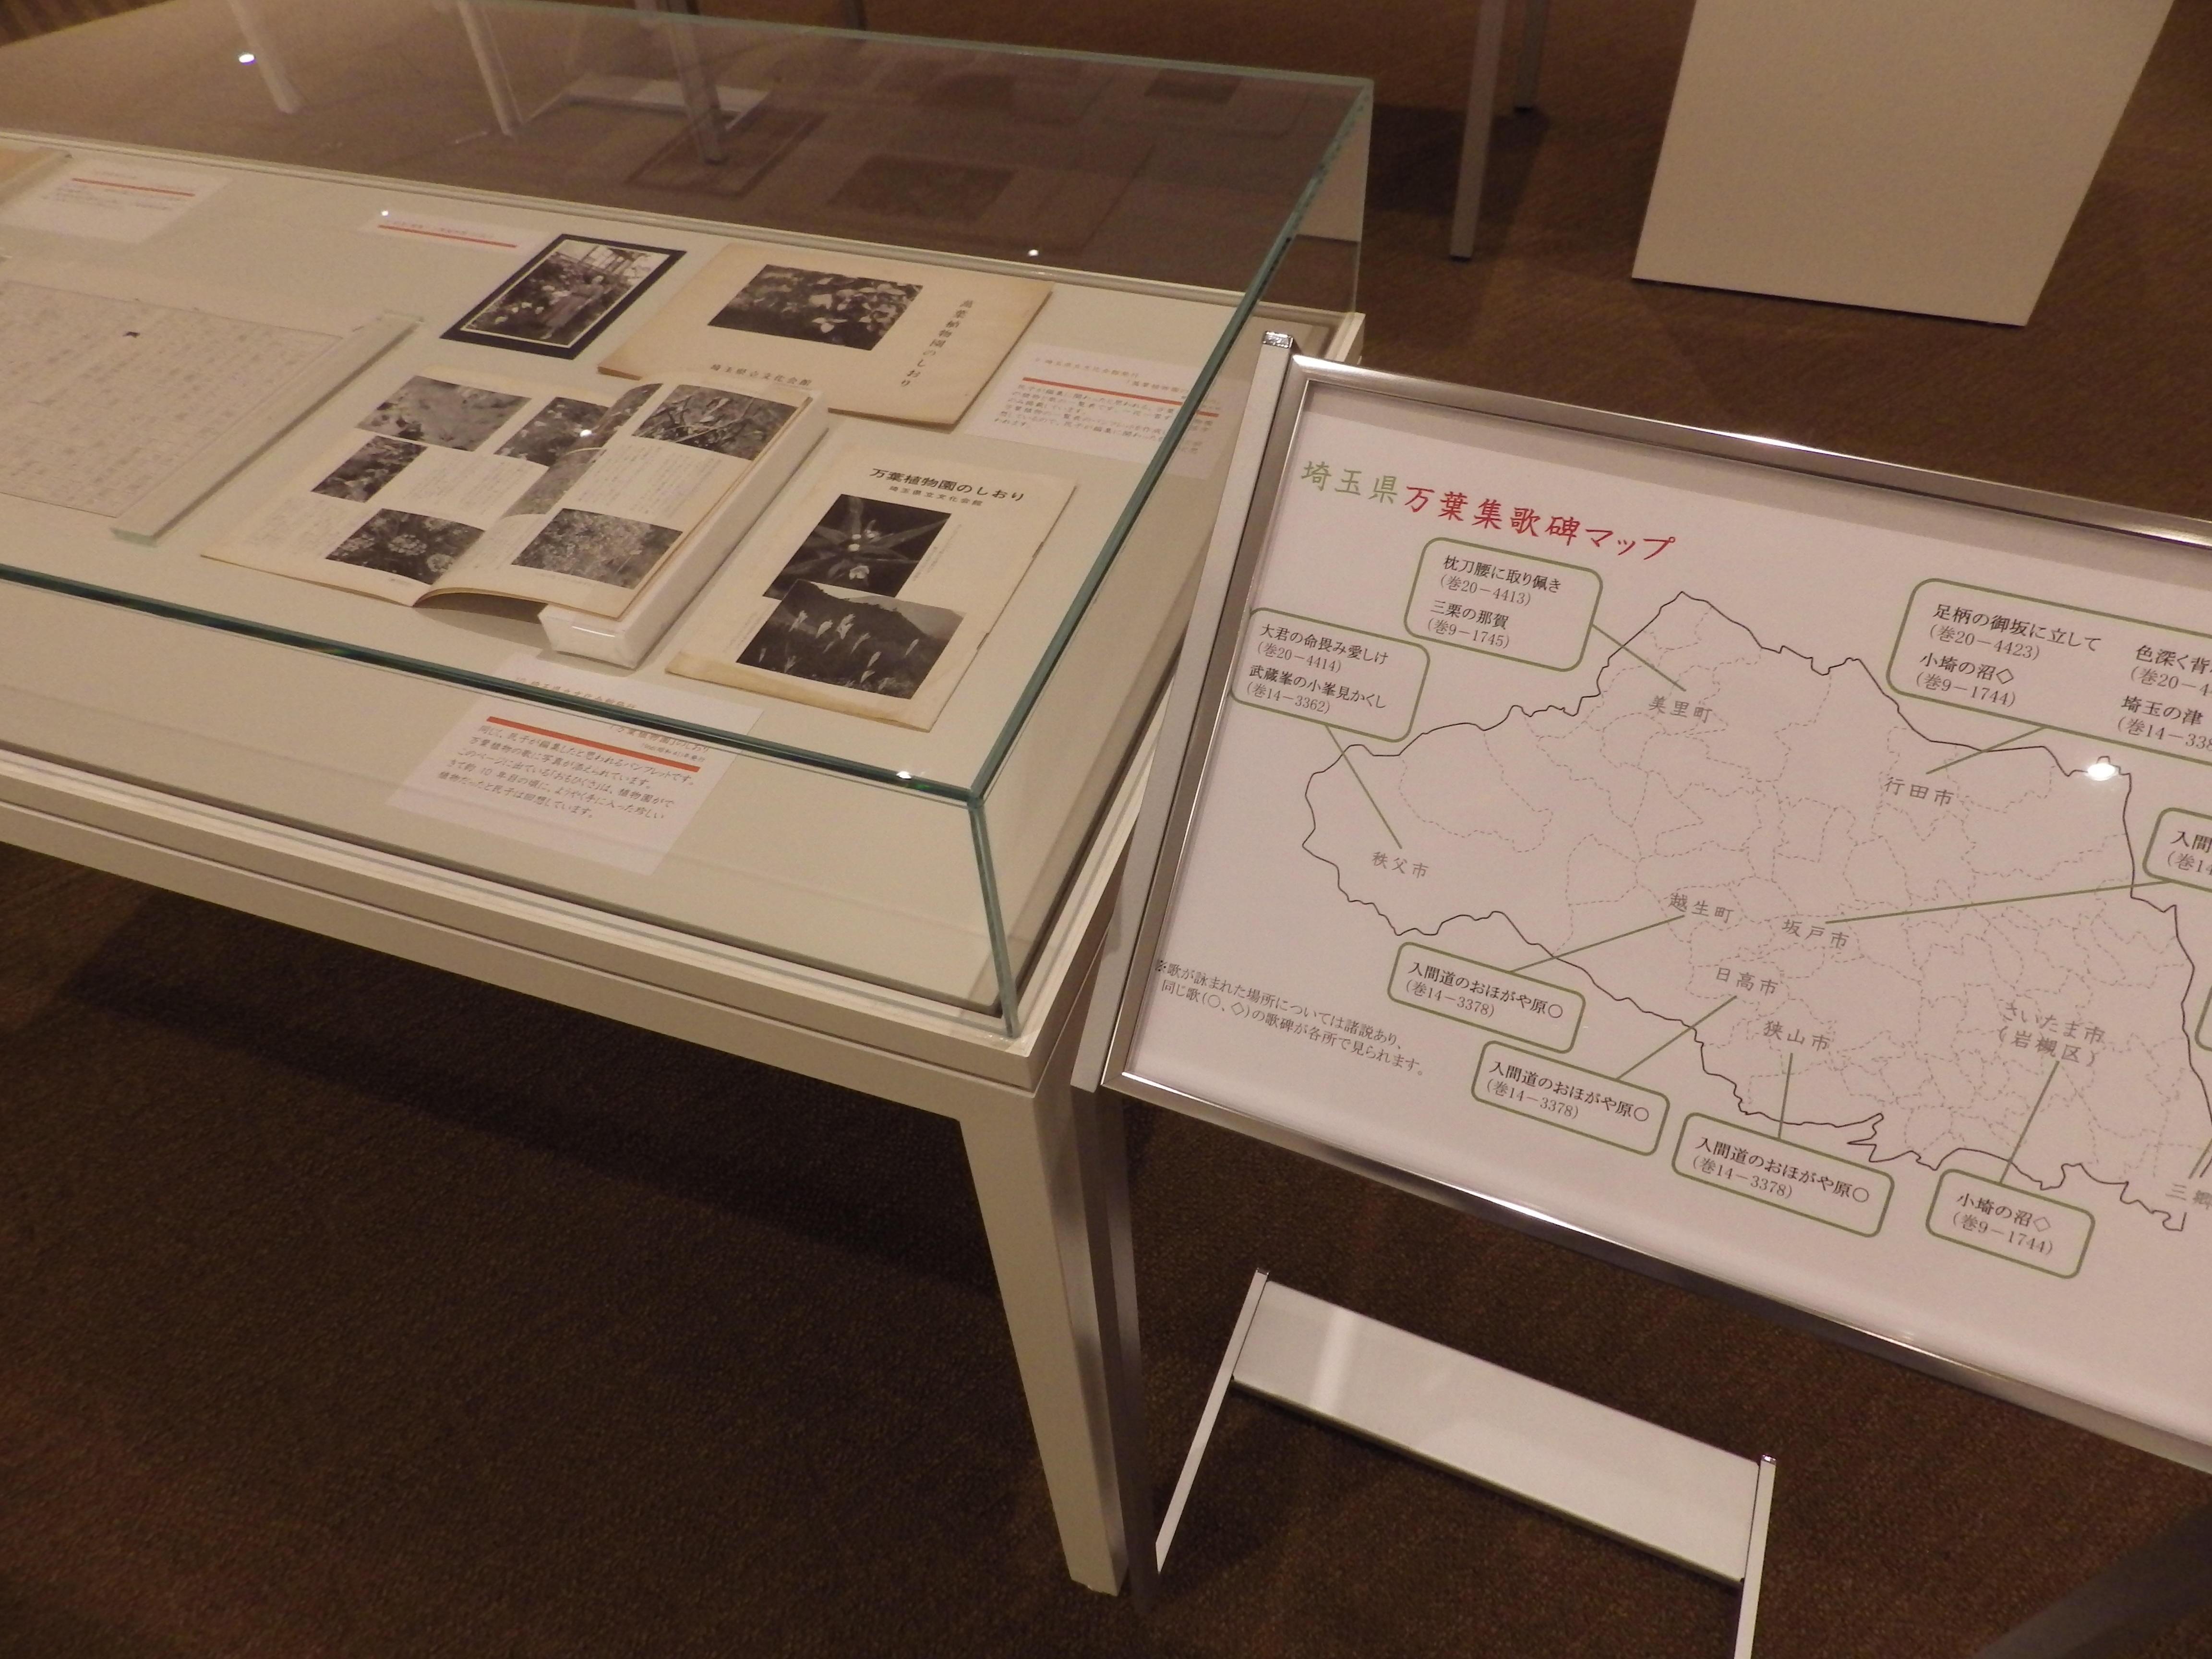 【文学】大西民子と万葉集15.JPG